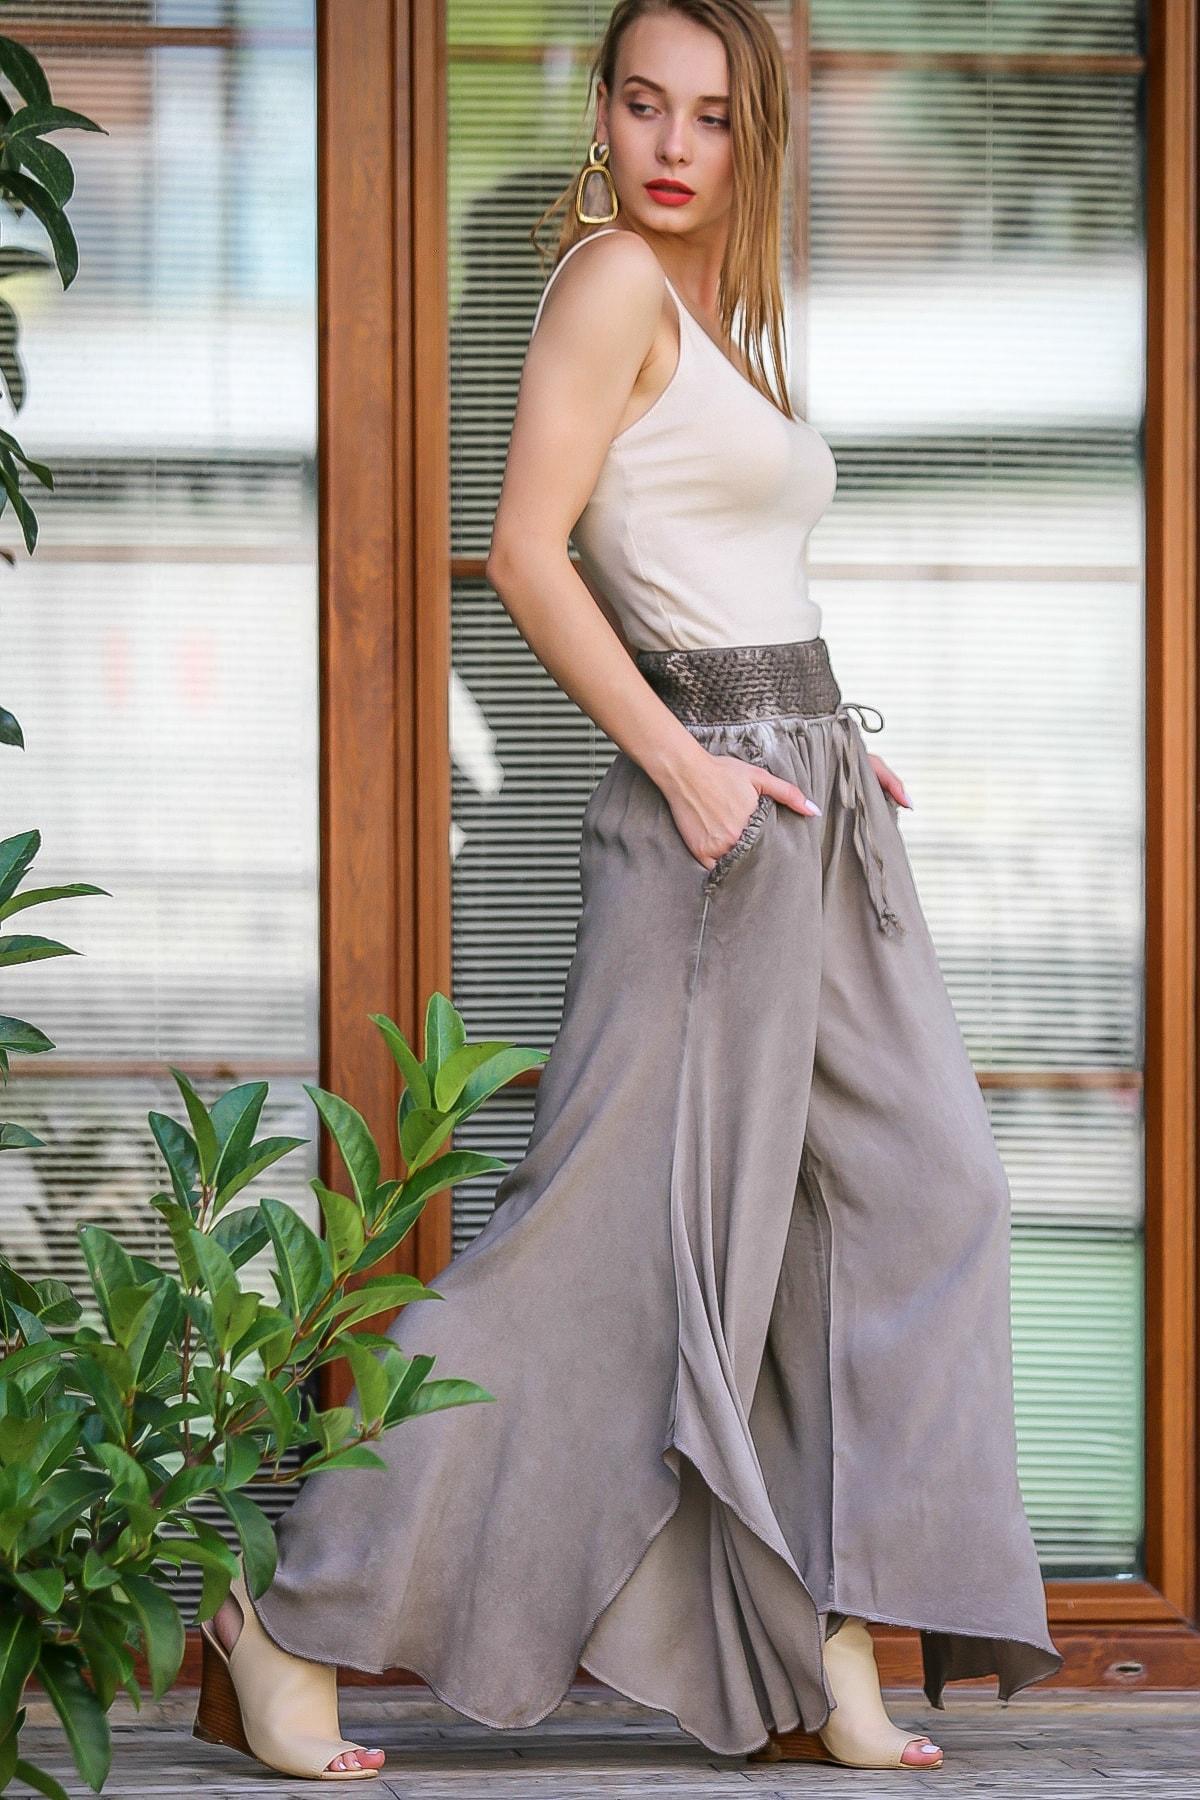 Chiccy Kadın Bej Özel Tasarım Dev Yırtmaçlı Bol Paçalı Cepli Yıkamalı Pantolon M10060000Pn99071